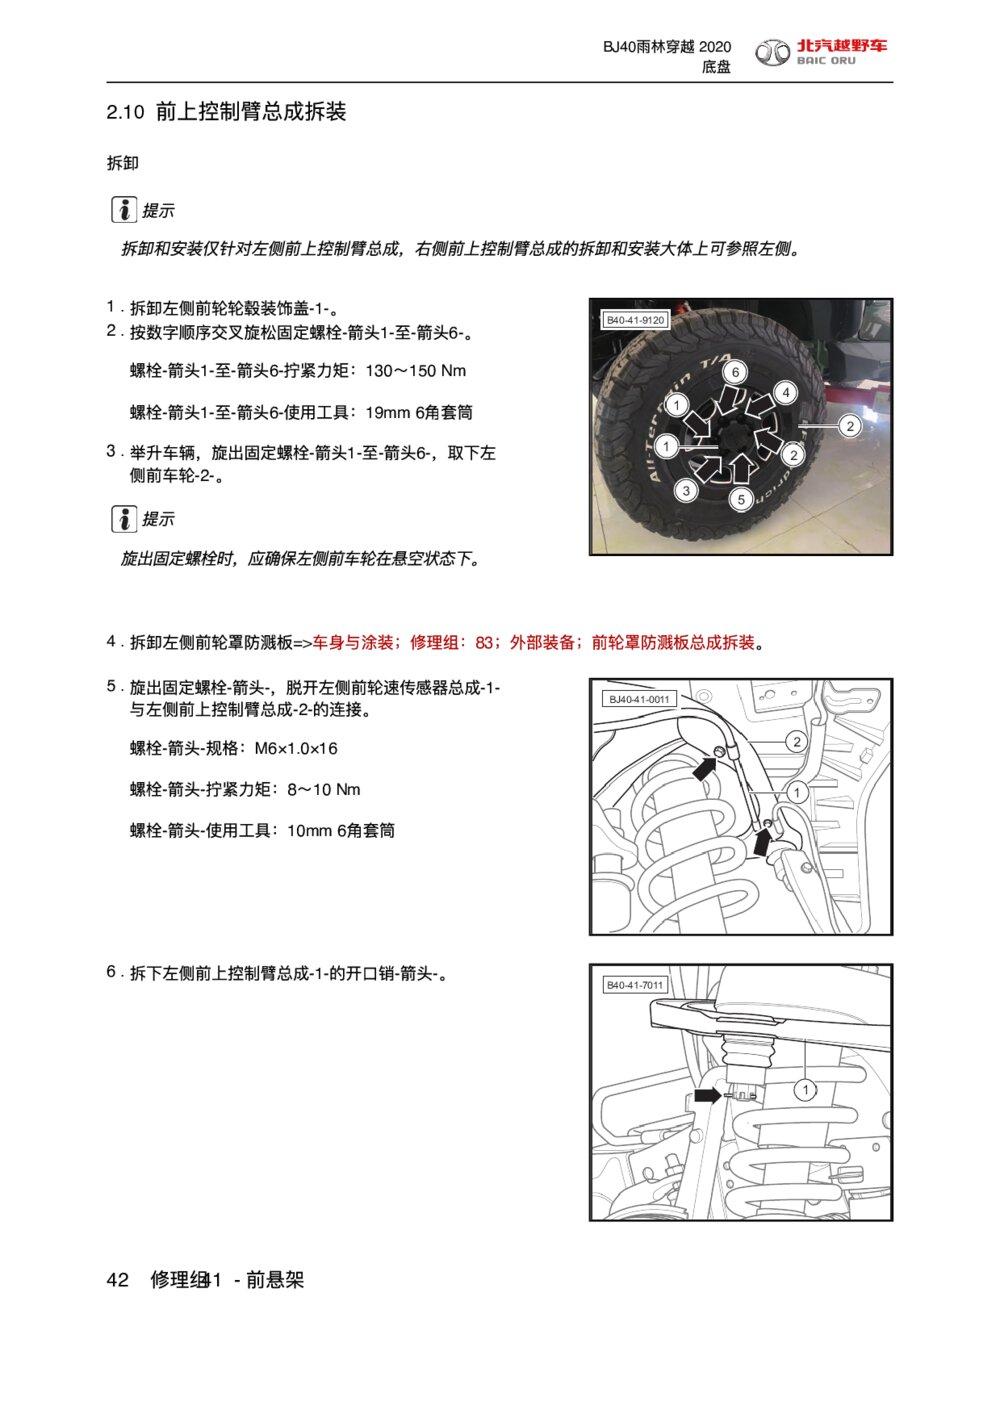 2020款北京BJ40前上控制臂总成拆装